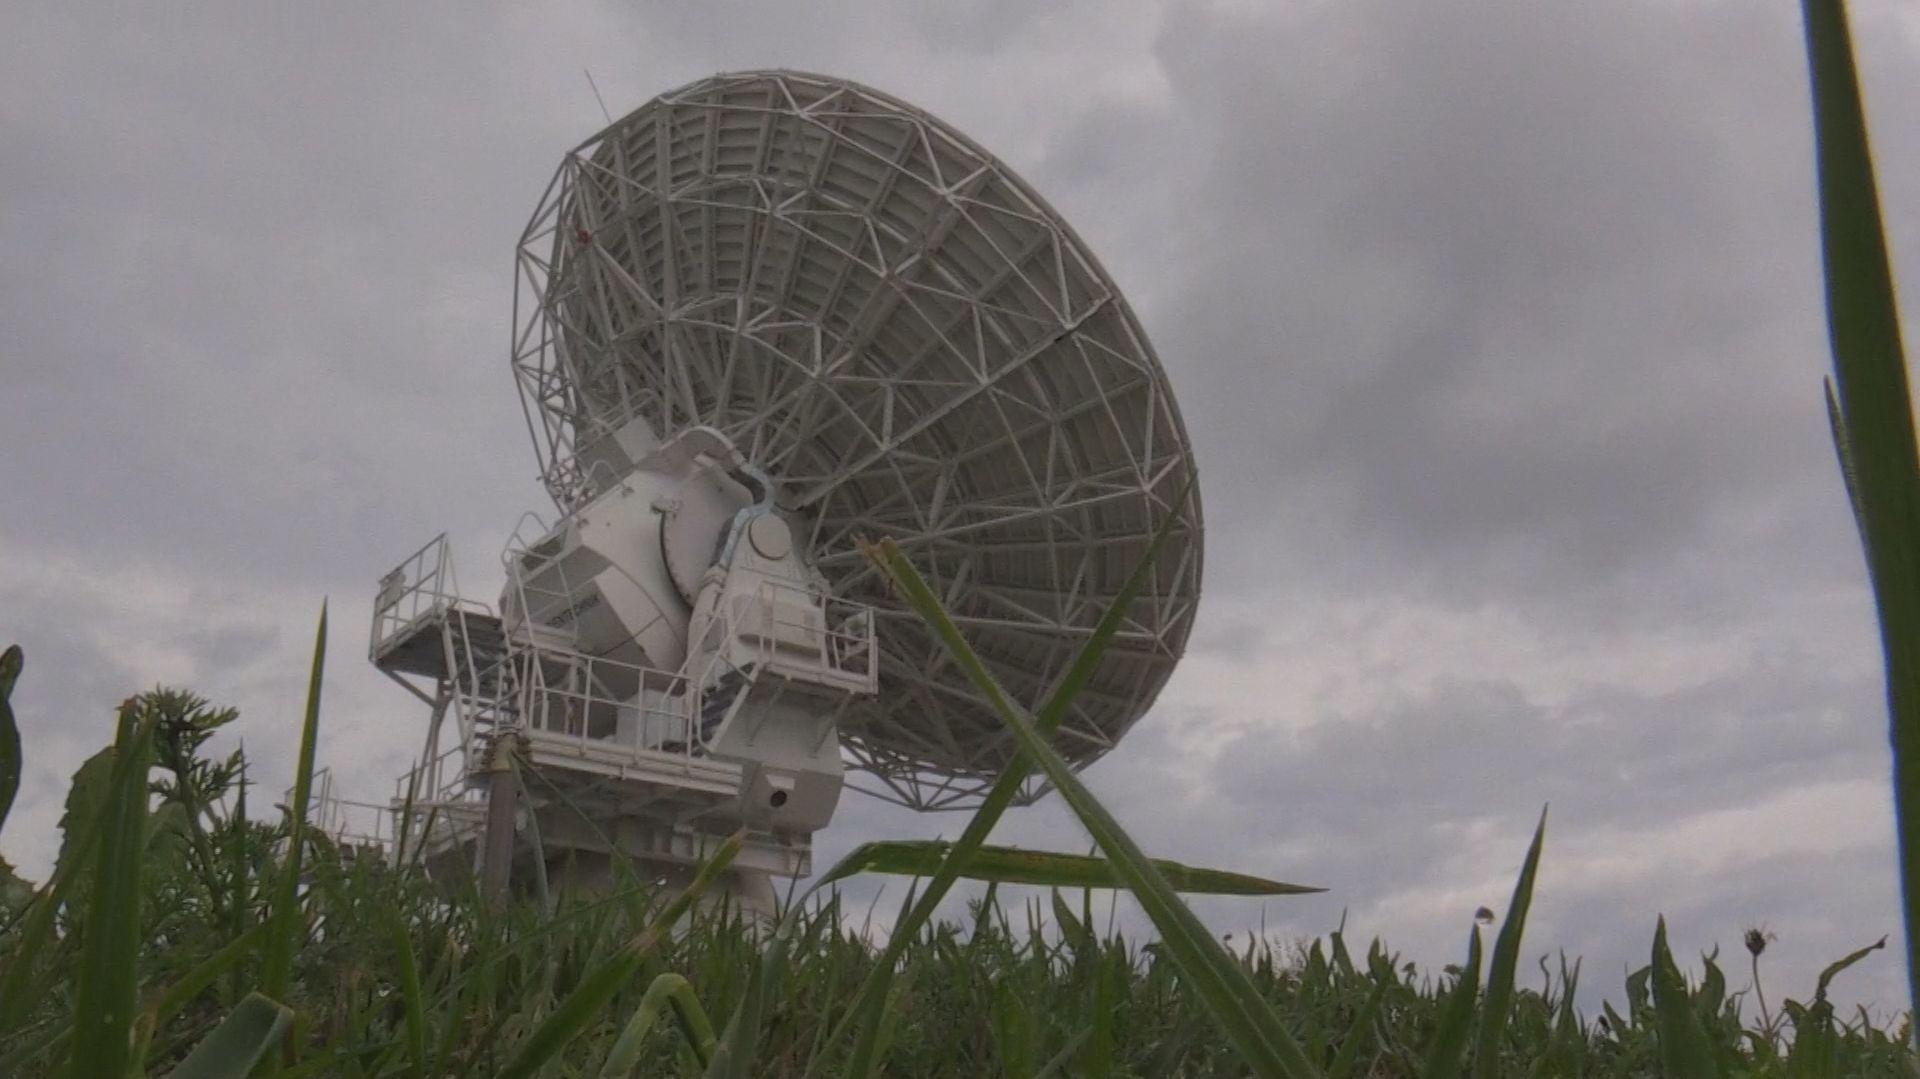 Das Geodätische Observatorium Wettzell (GOW) im Landkreis Cham.